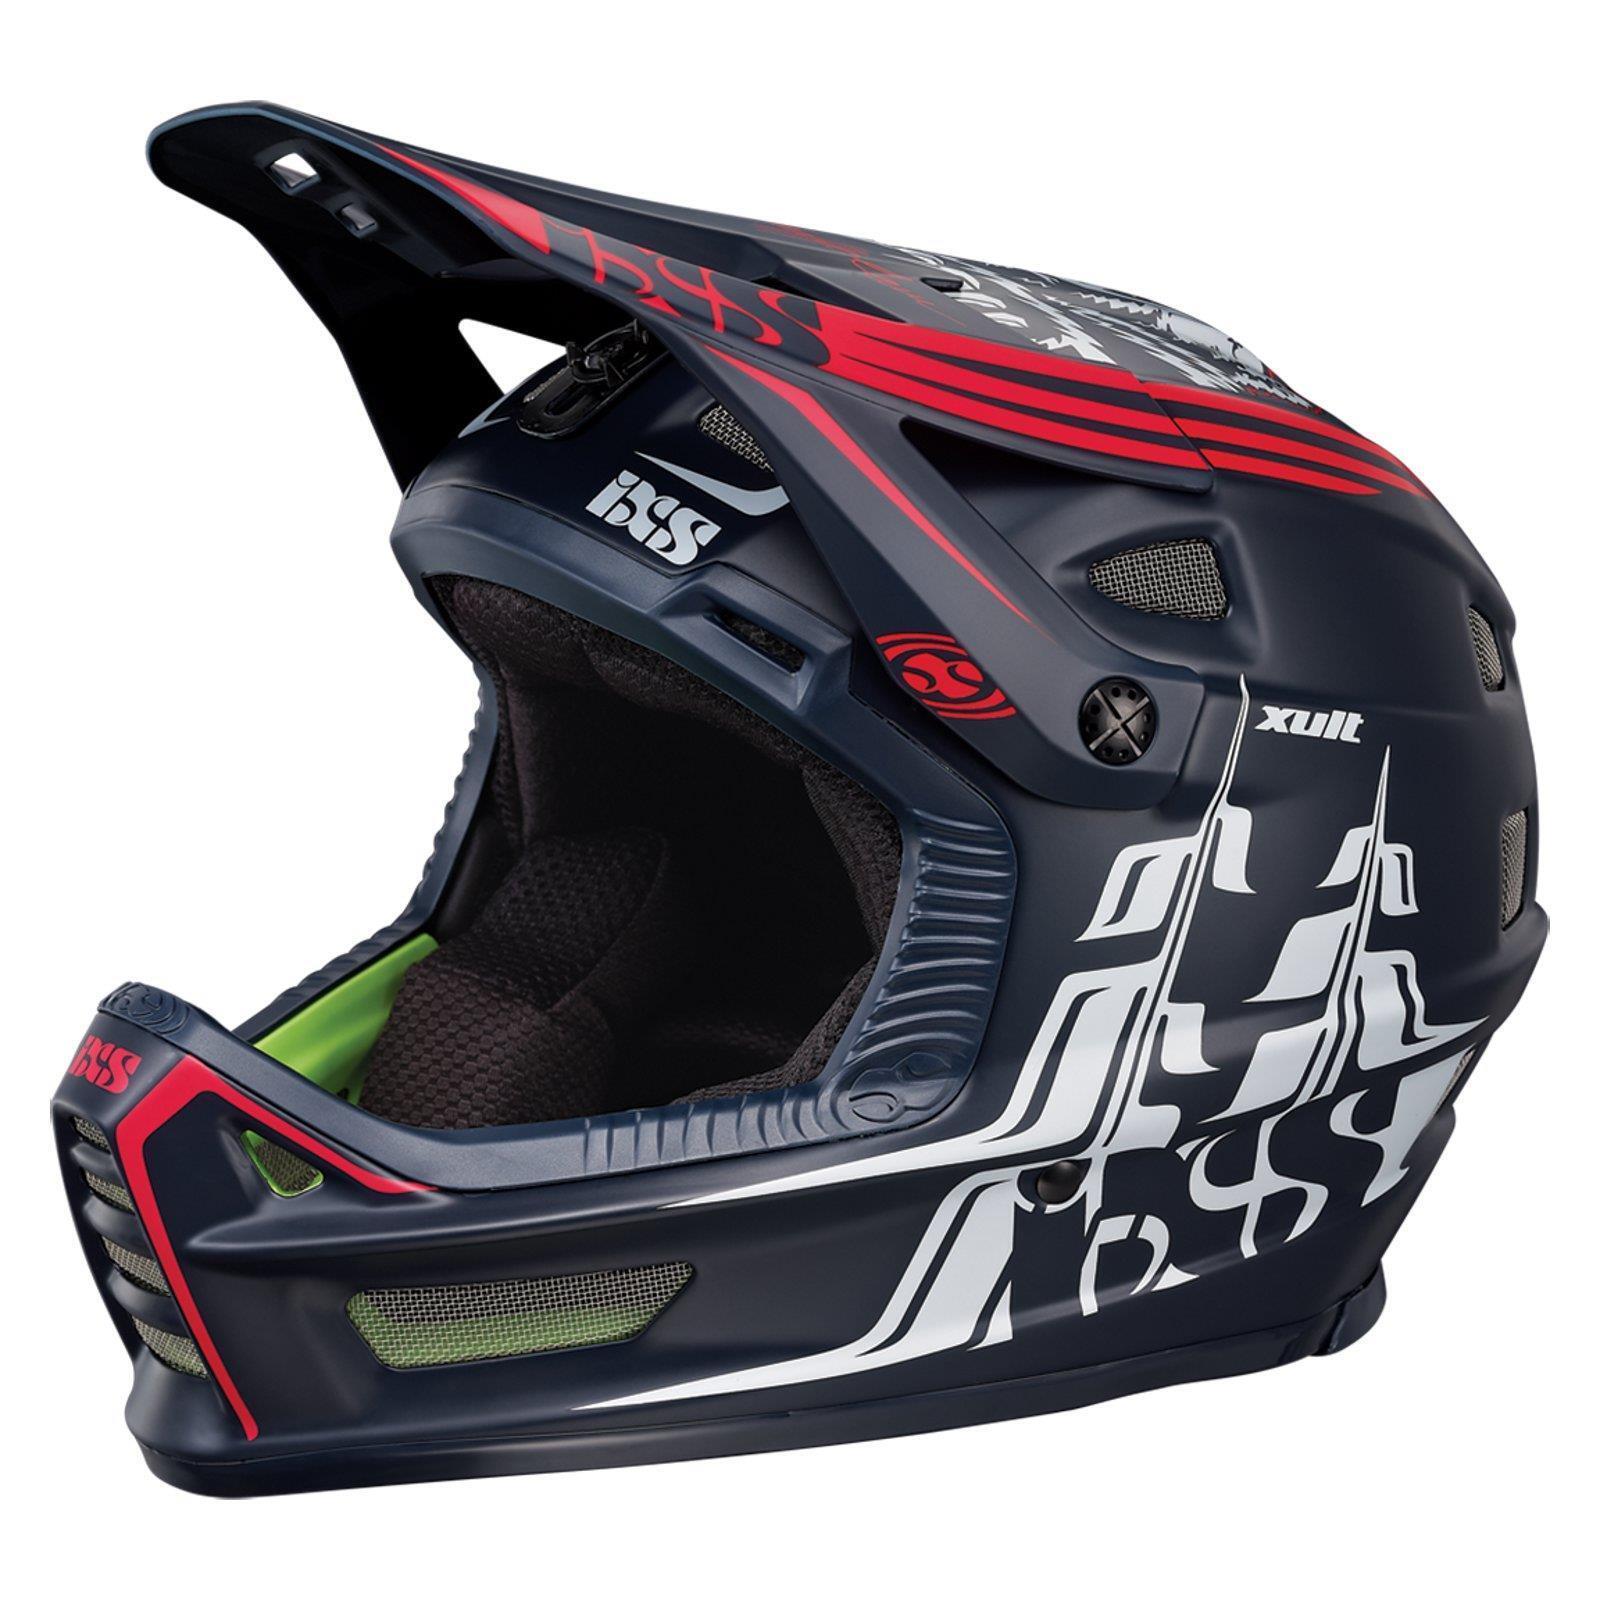 IXS XULT Helm Darren Berrecloth Edition Gr L XL Full Face MTB DH Downhill BMX FR